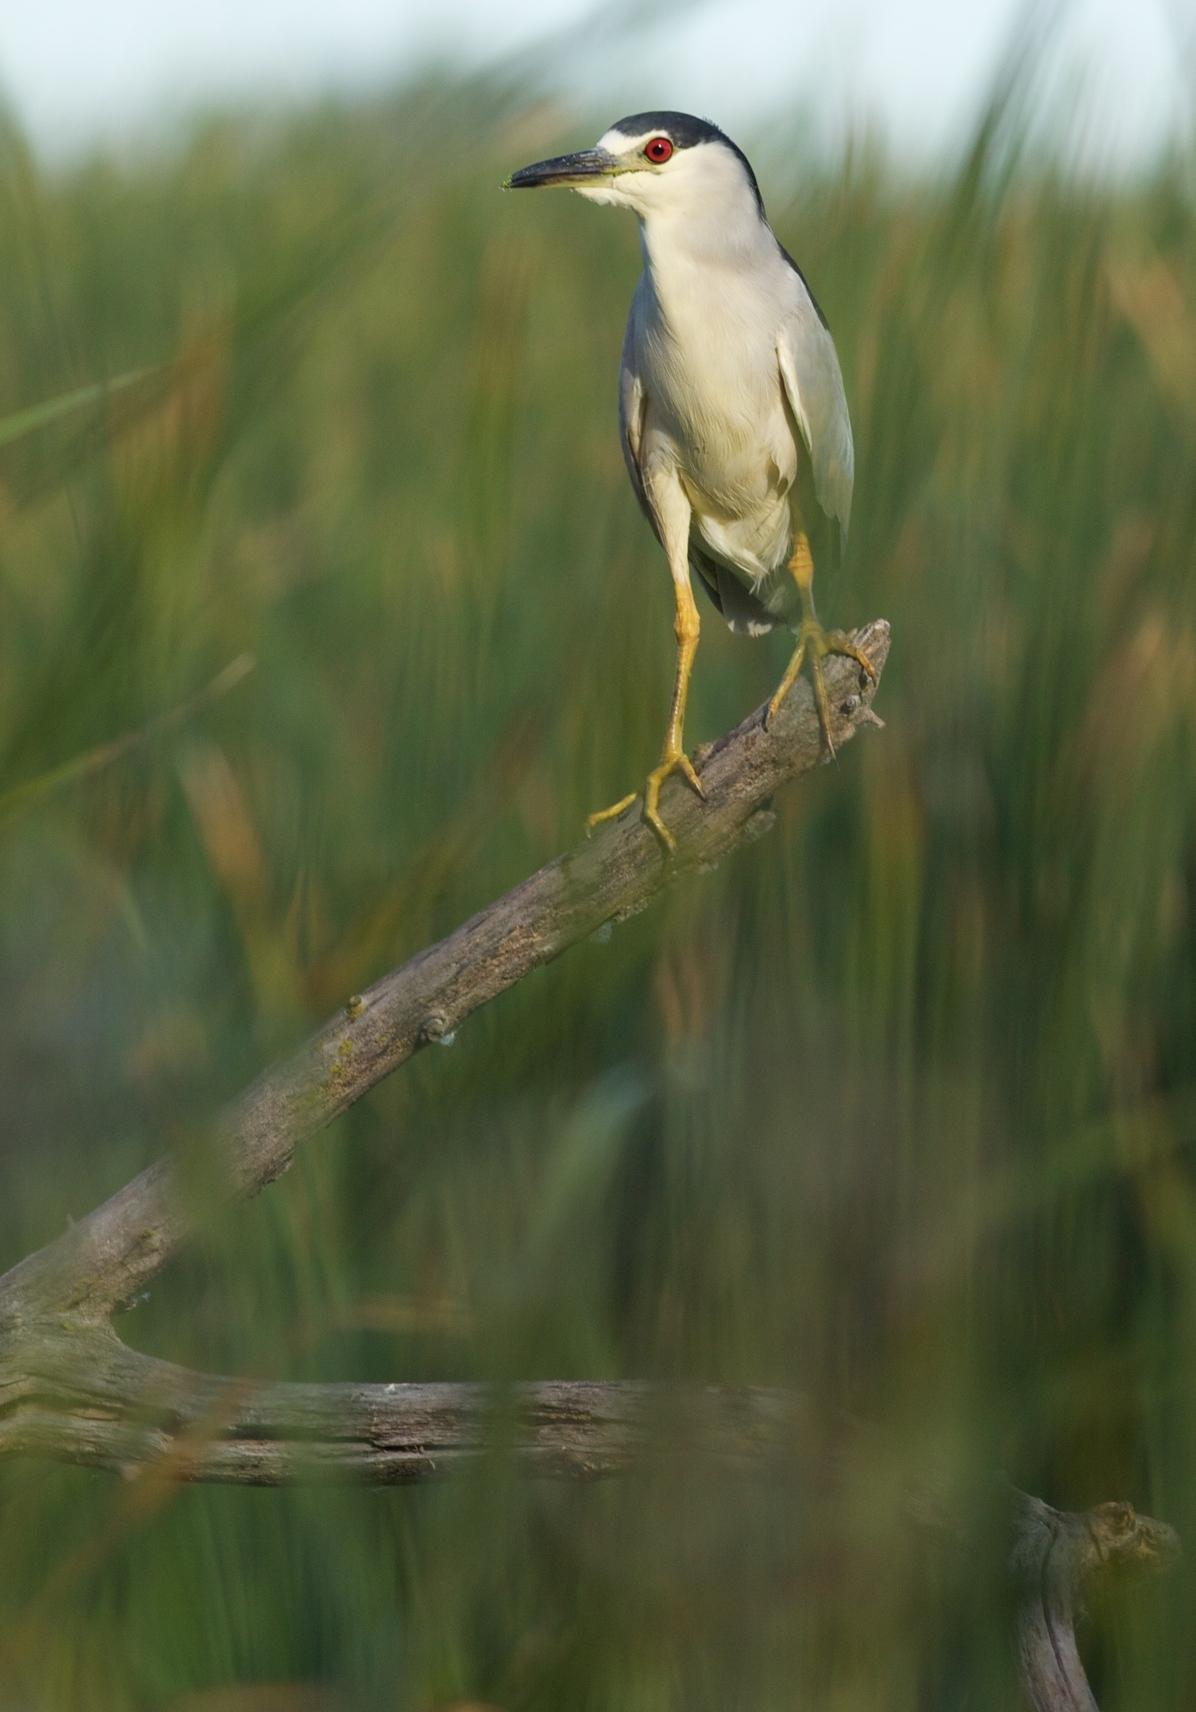 Black-crowned night heron.  Photo by Arlene Koziol